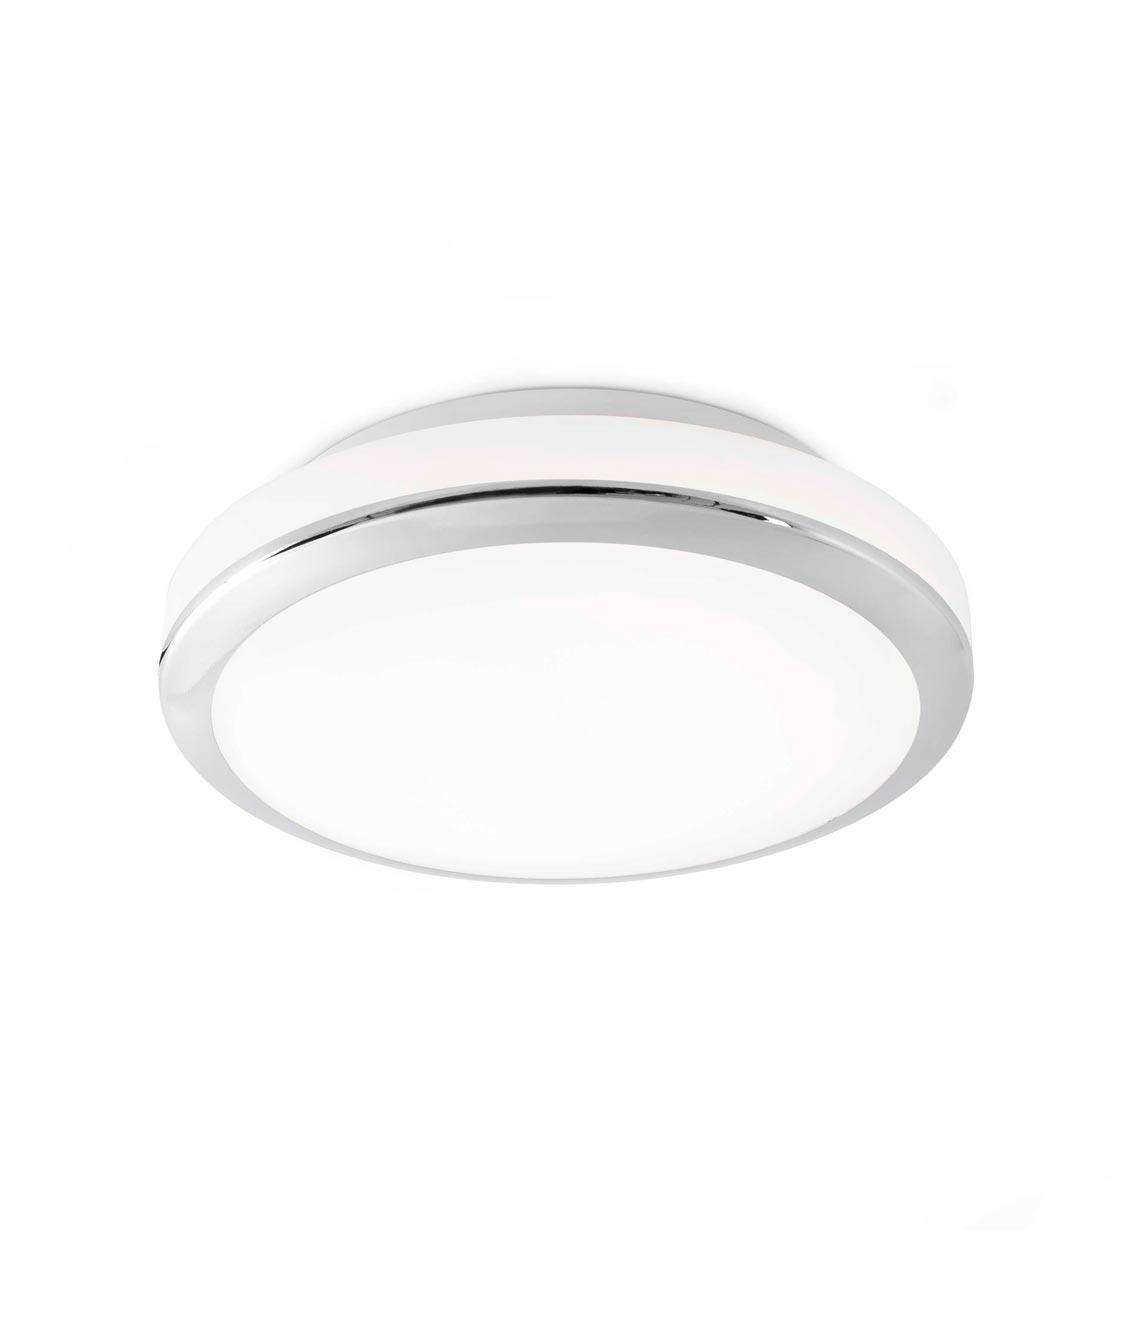 Lámpara plafón LED CLOE cromo